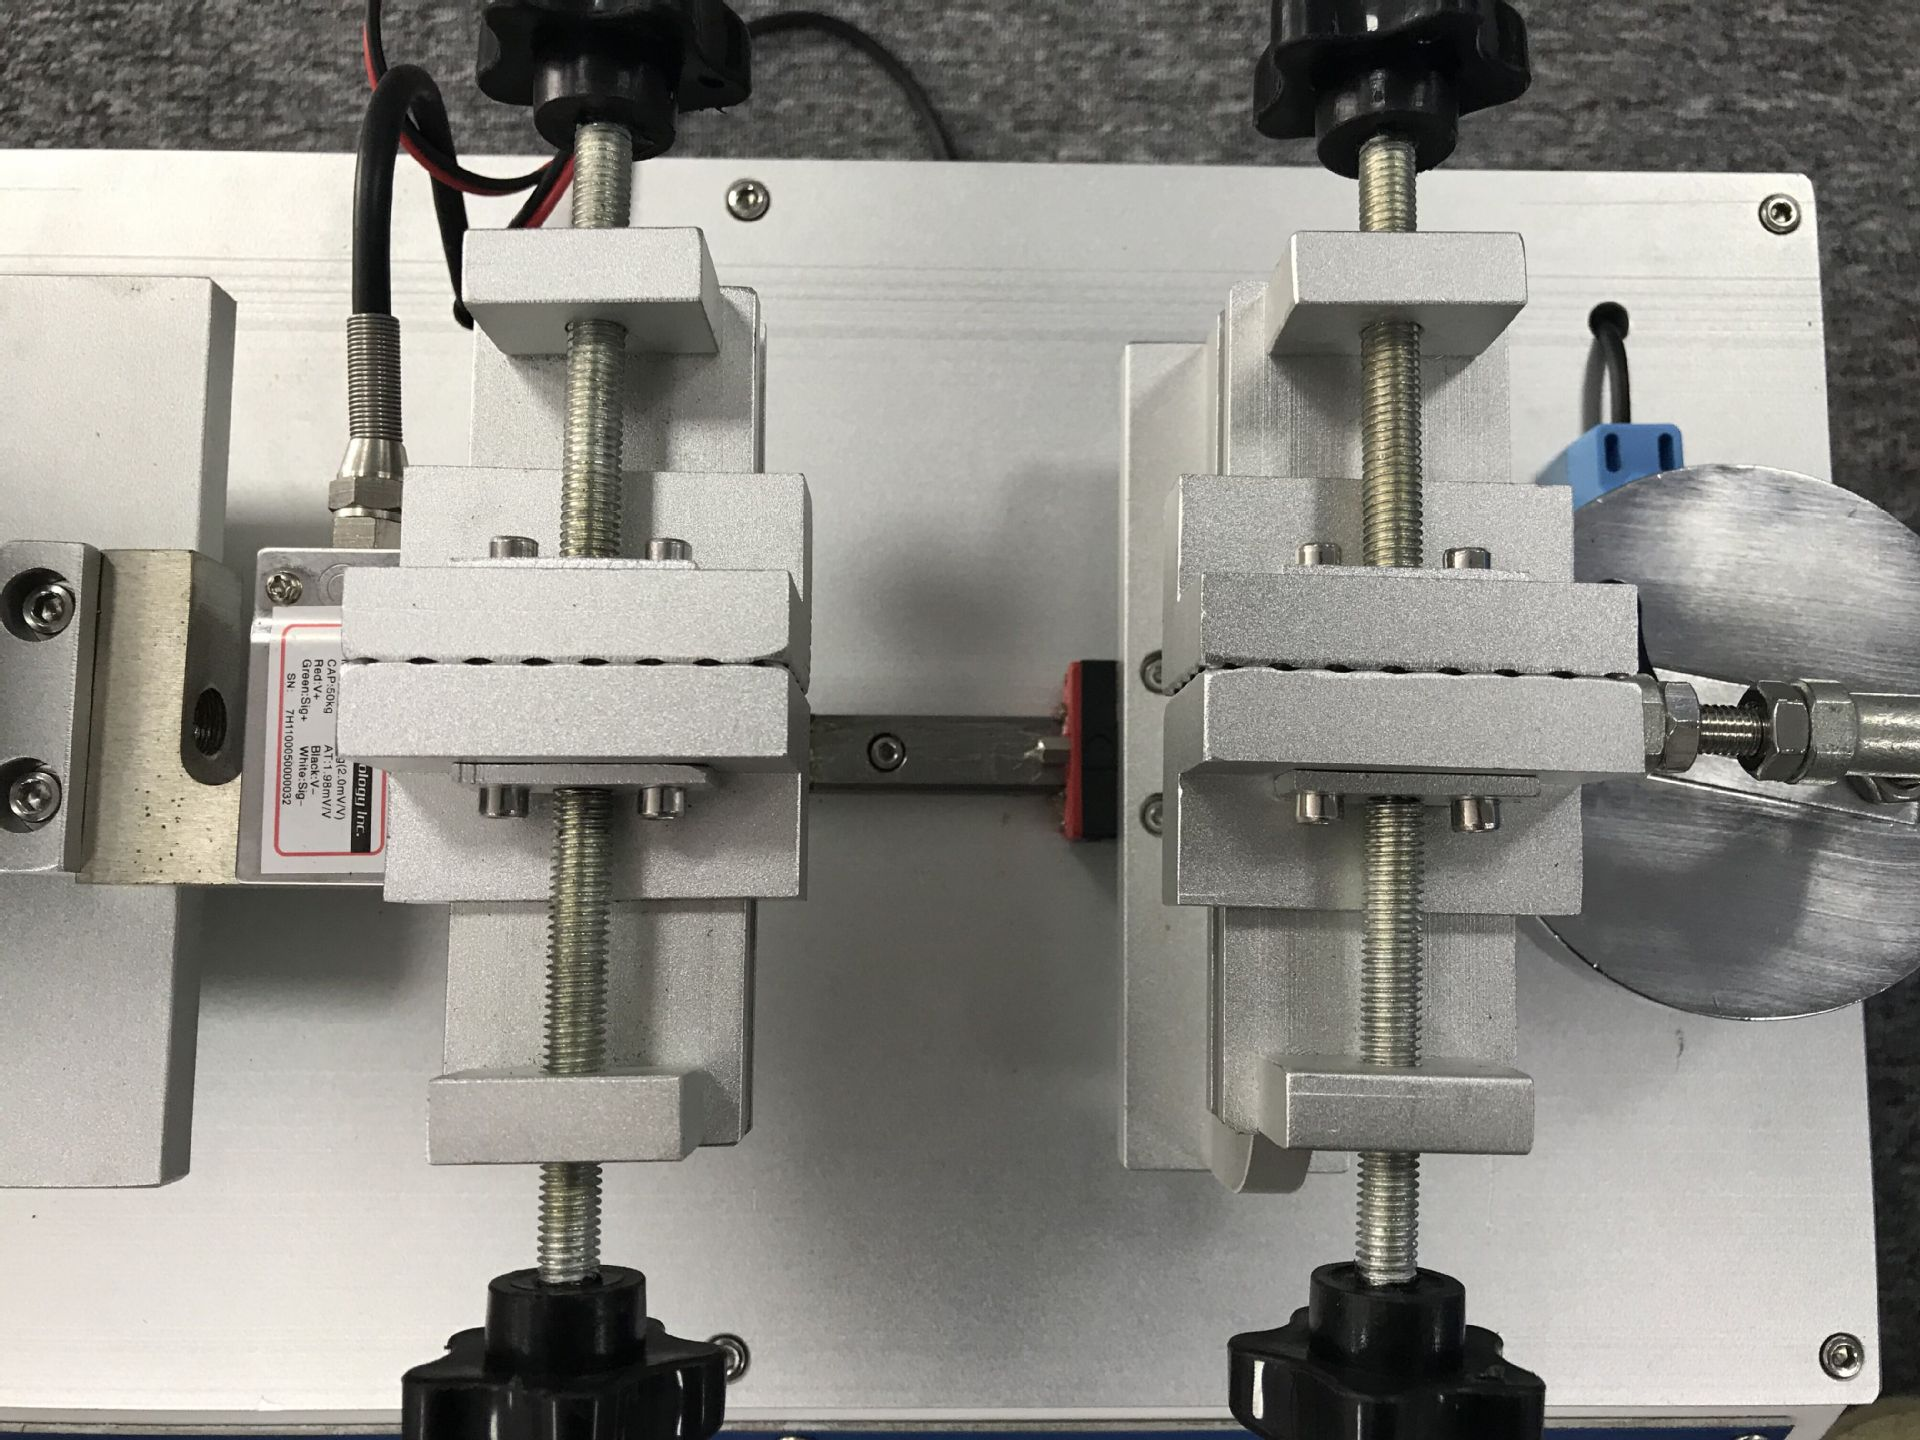 微电脑插拔寿命试验机 插拔寿命测试仪 现货促销中 咨询惊喜价示例图3